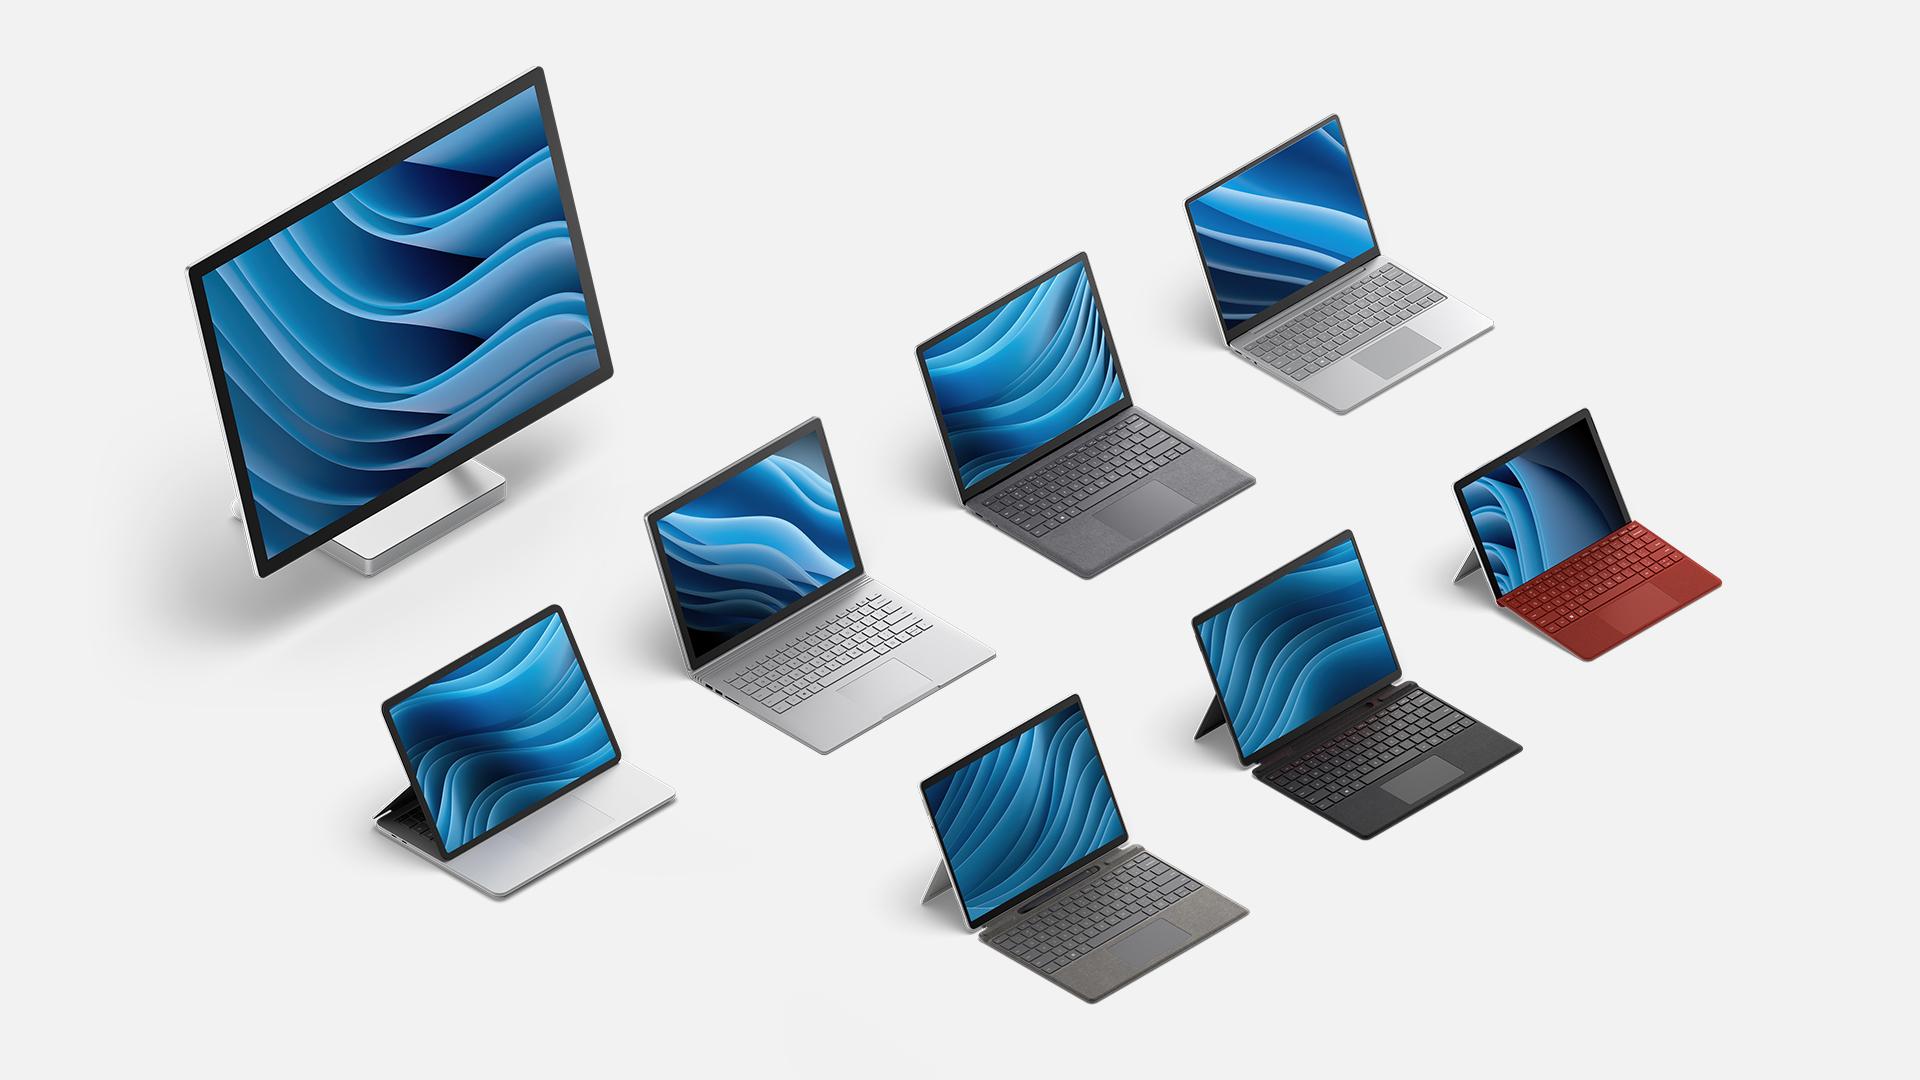 Een collectie van alle apparaten uit de Surface-serie.